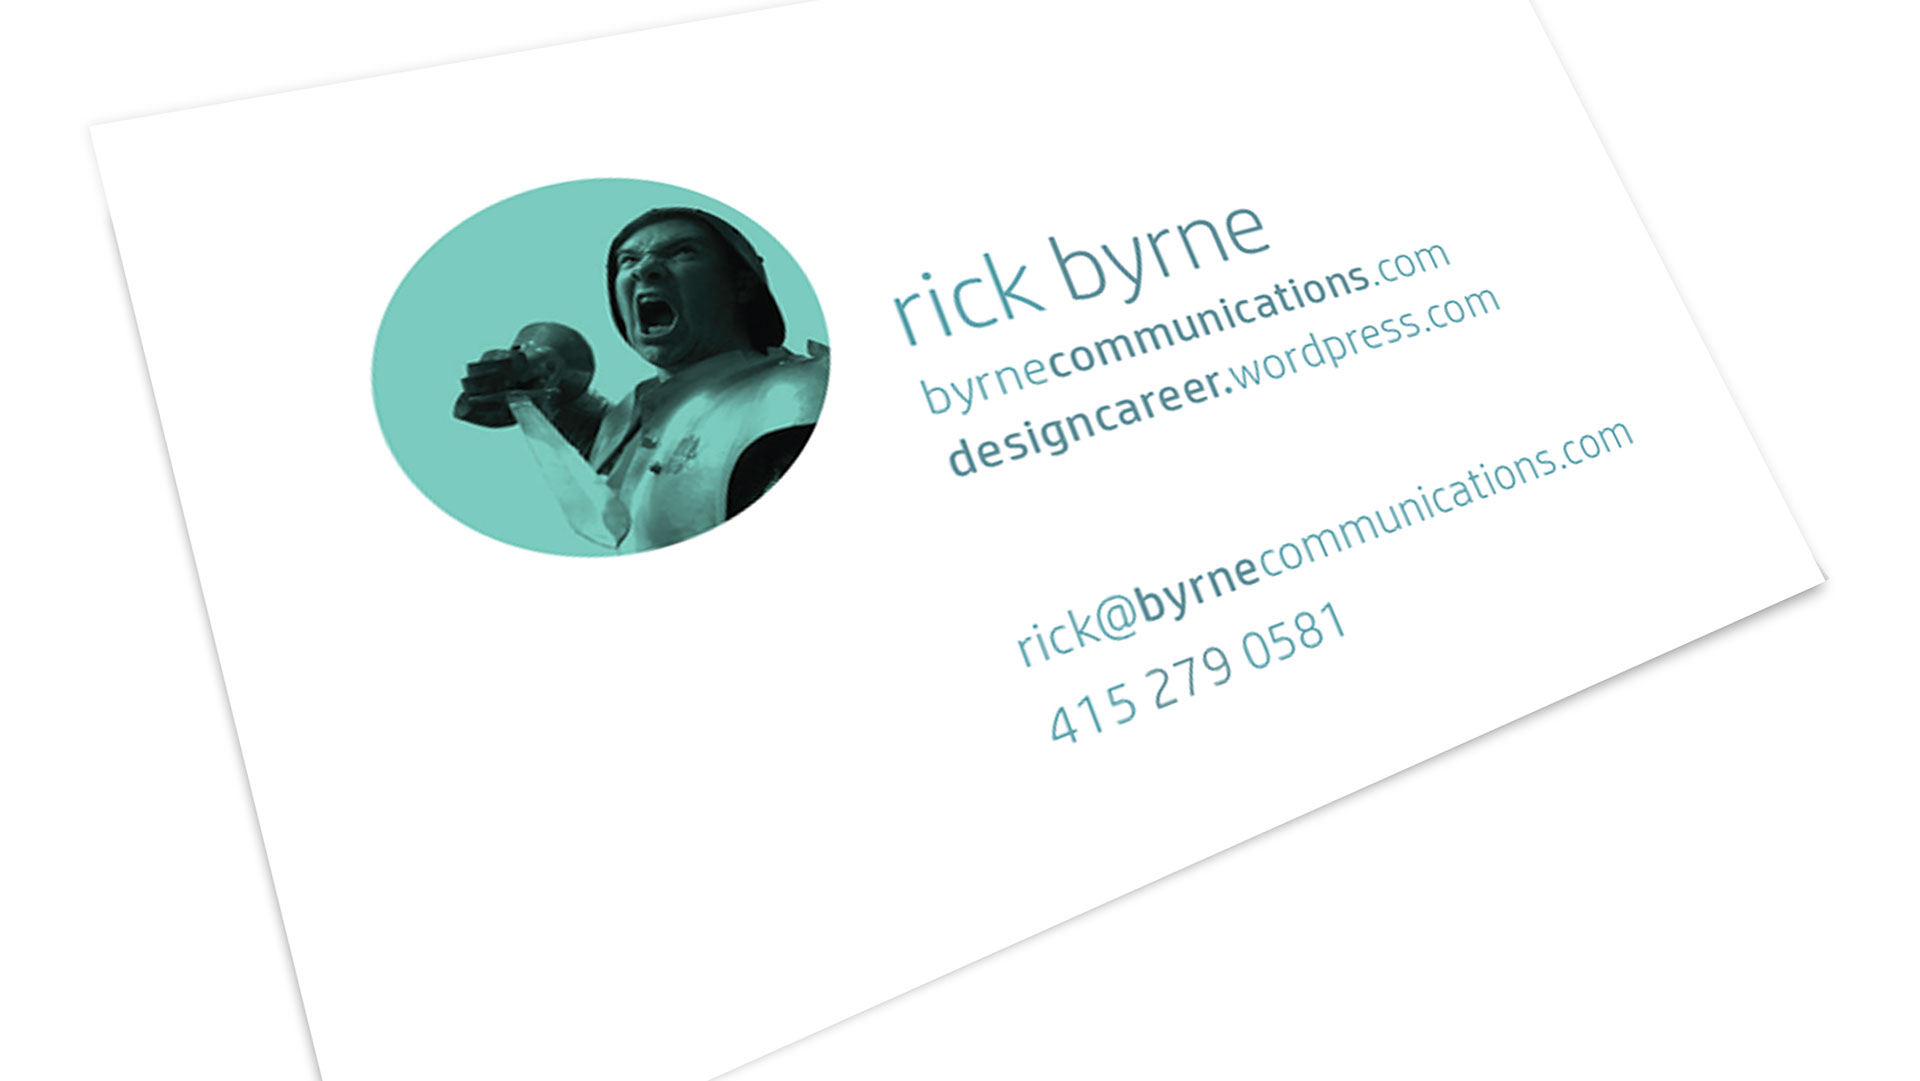 The Gentlemen Adventurers Business Cards